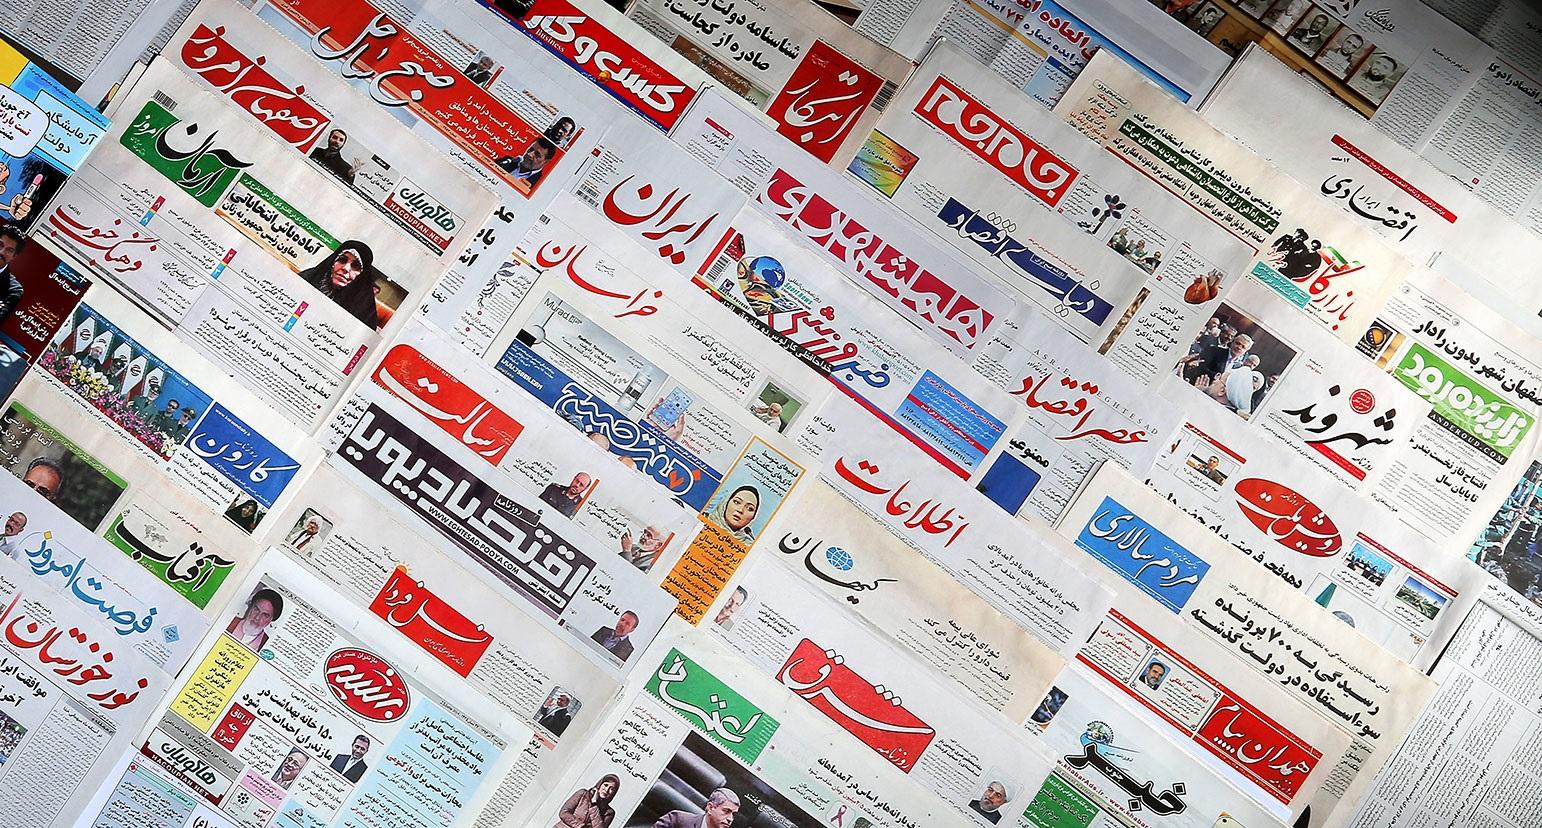 عناوین روزنامه های امروز 28 اسفند 96